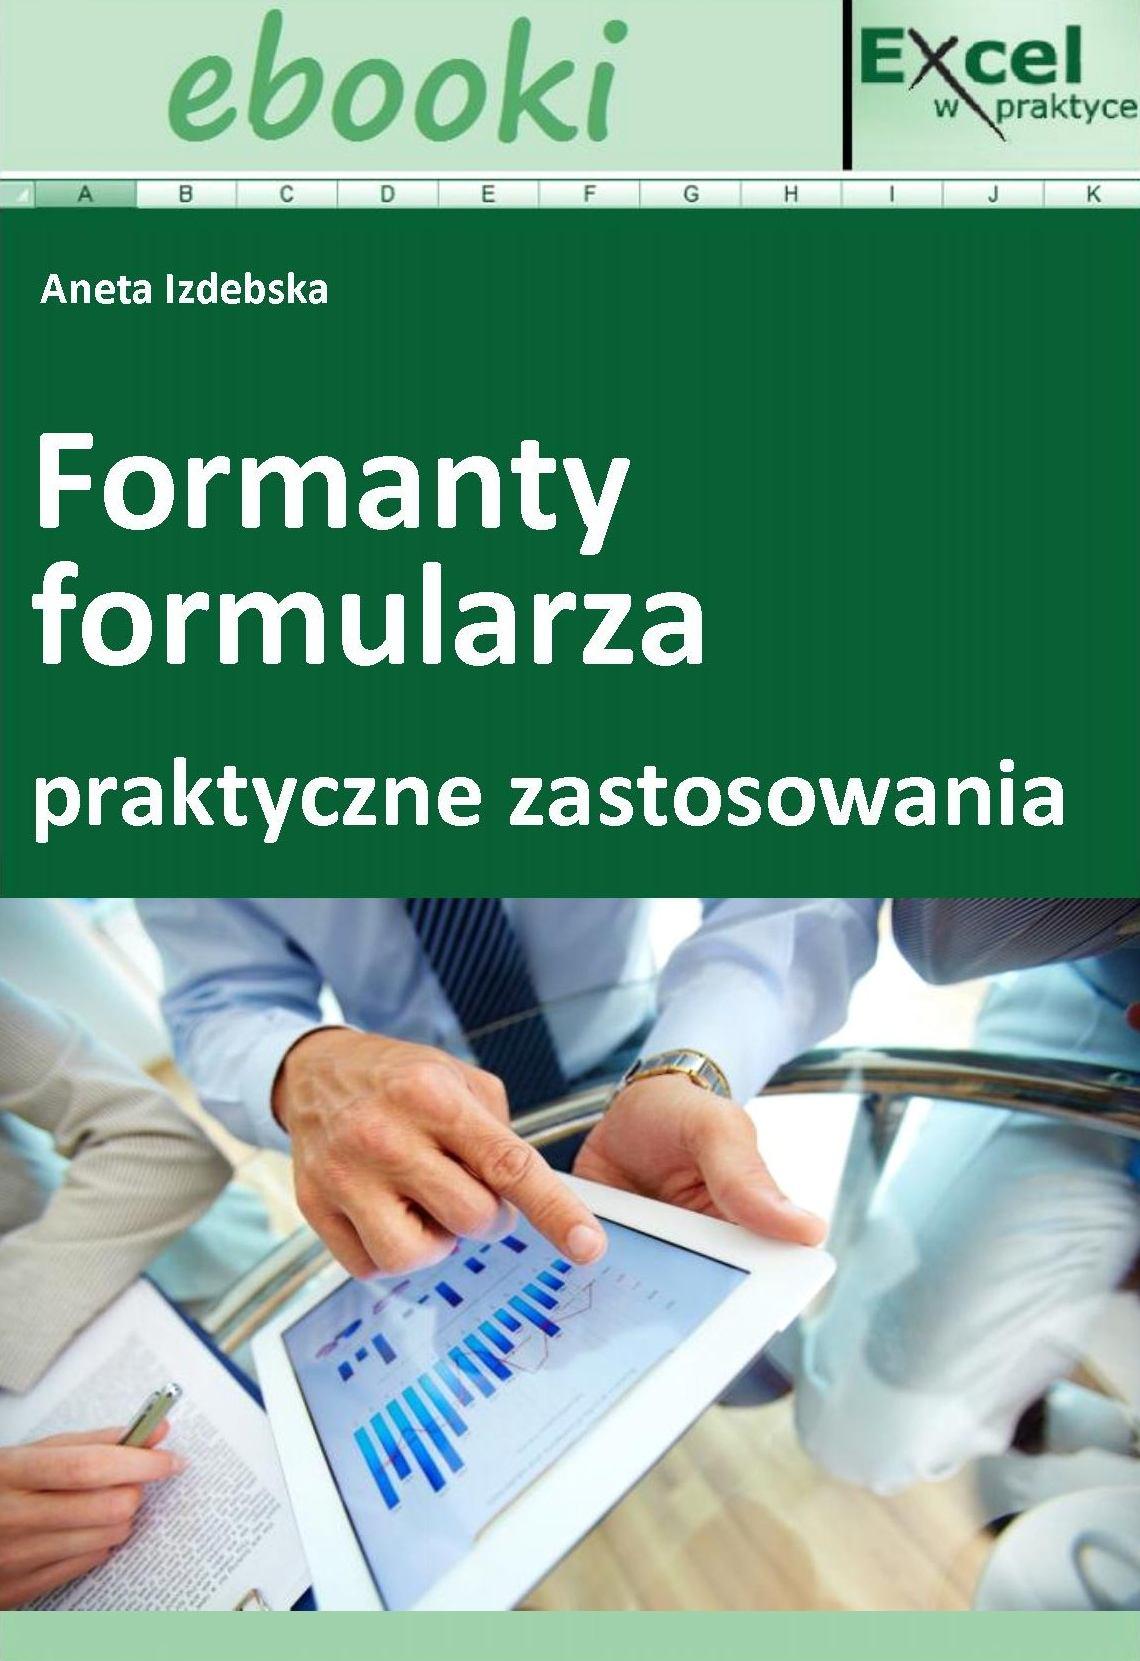 Formanty formularza w praktycznych zastosowaniach - Ebook (Książka PDF) do pobrania w formacie PDF